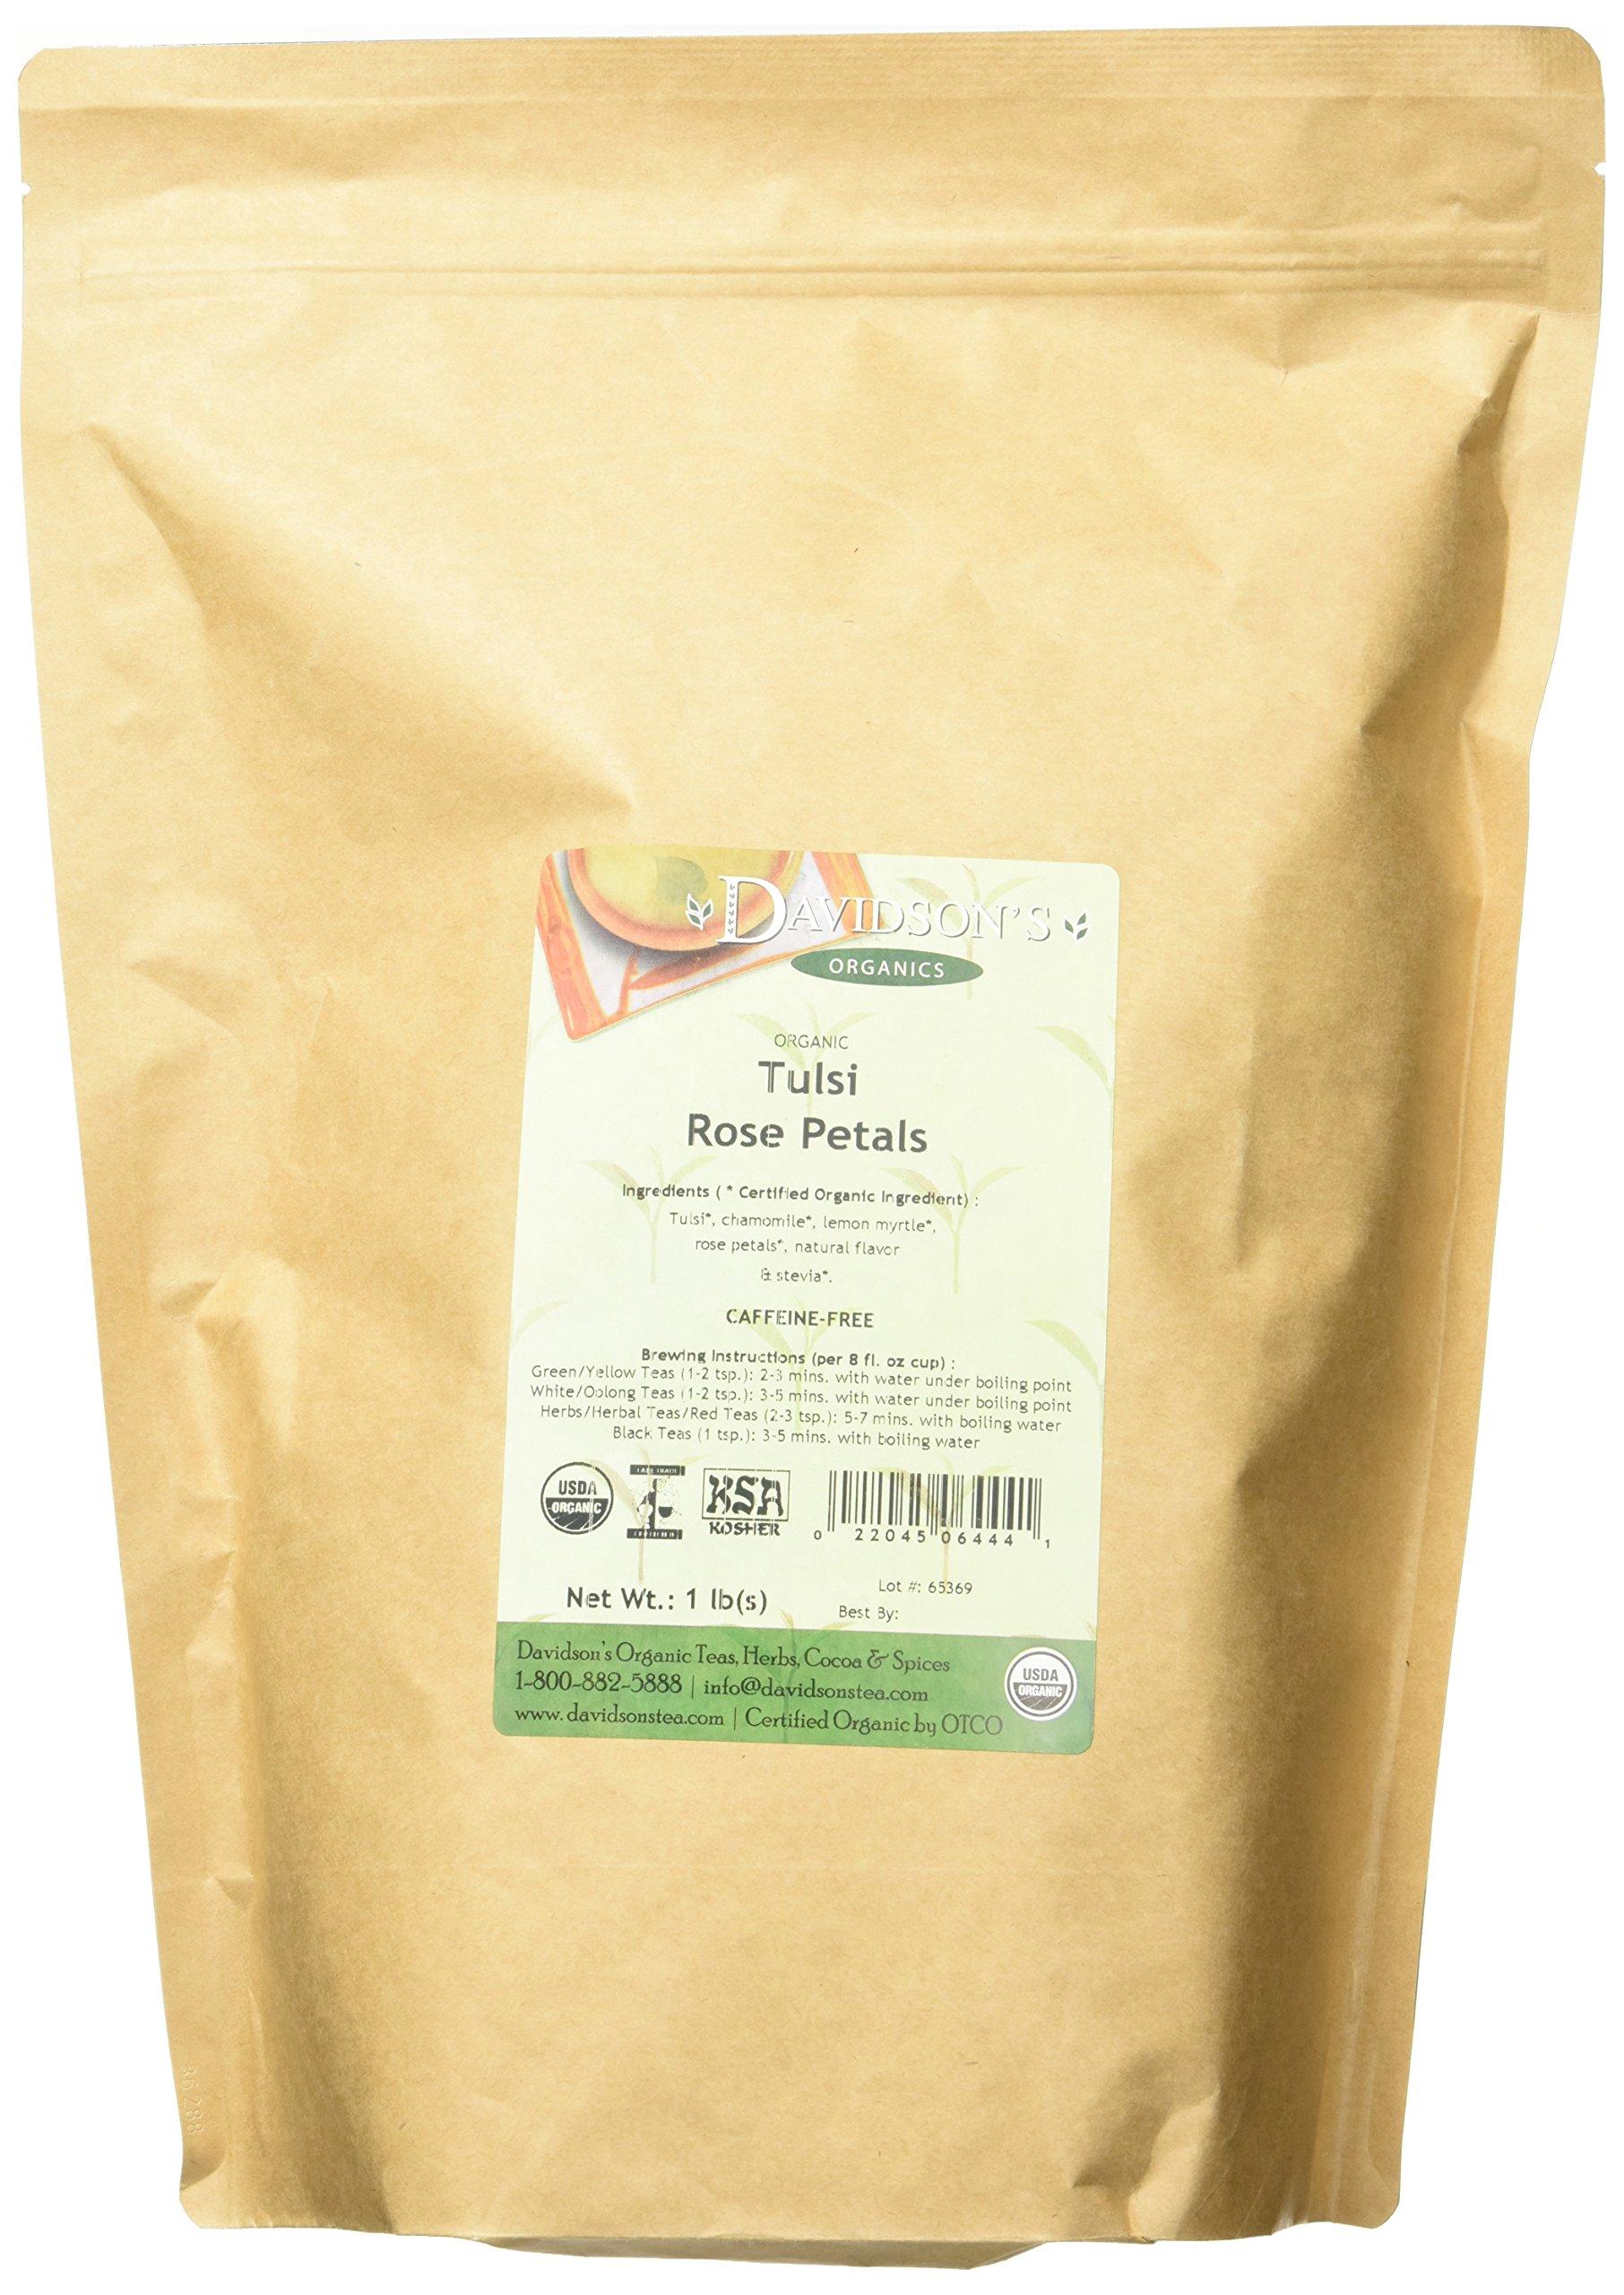 Bulk herbs spices organic organic herbal tea - Davidson S Tea Bulk Bag Organic Tulsi Rose Petals 16 Ounce